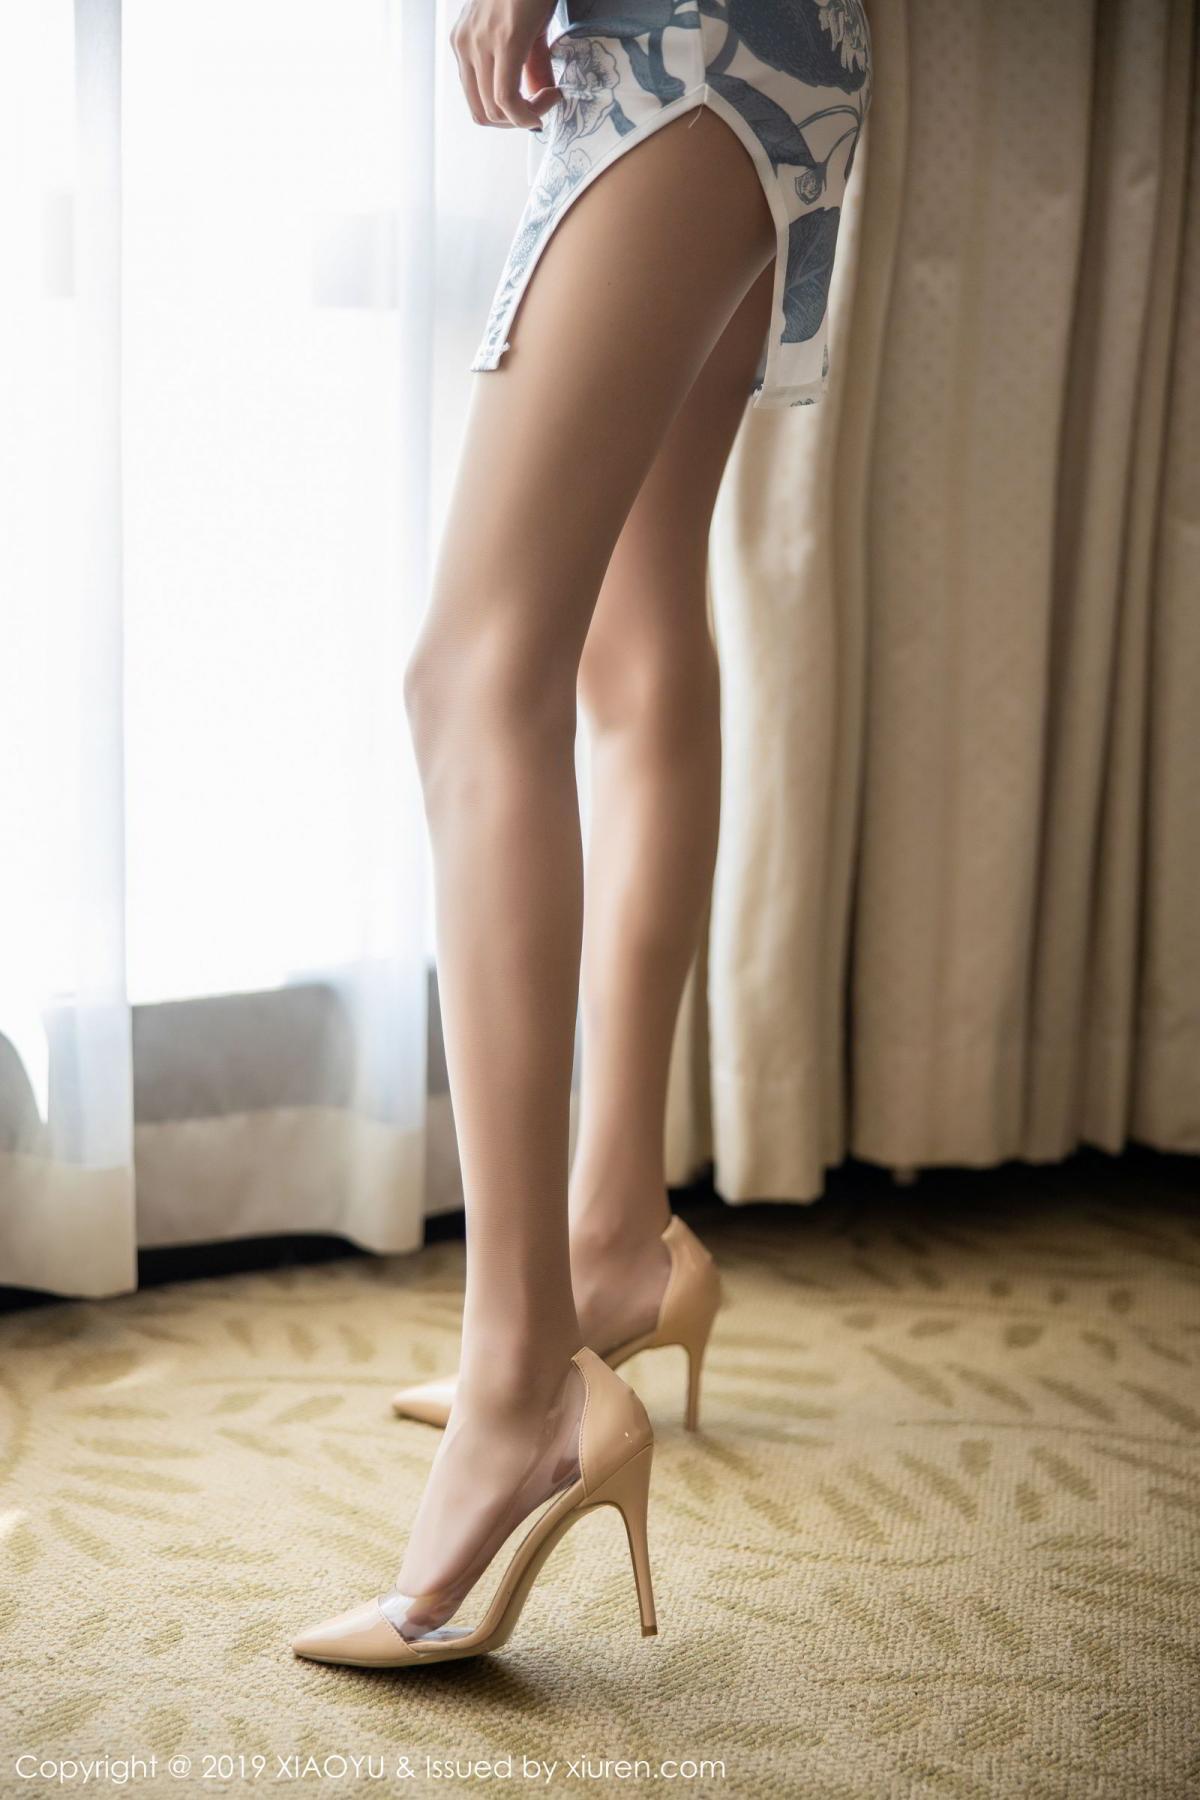 [XiaoYu] Vol.200 Miko Jiang 38P, Miko Jiang, Slim, Tall, Underwear, XiaoYu